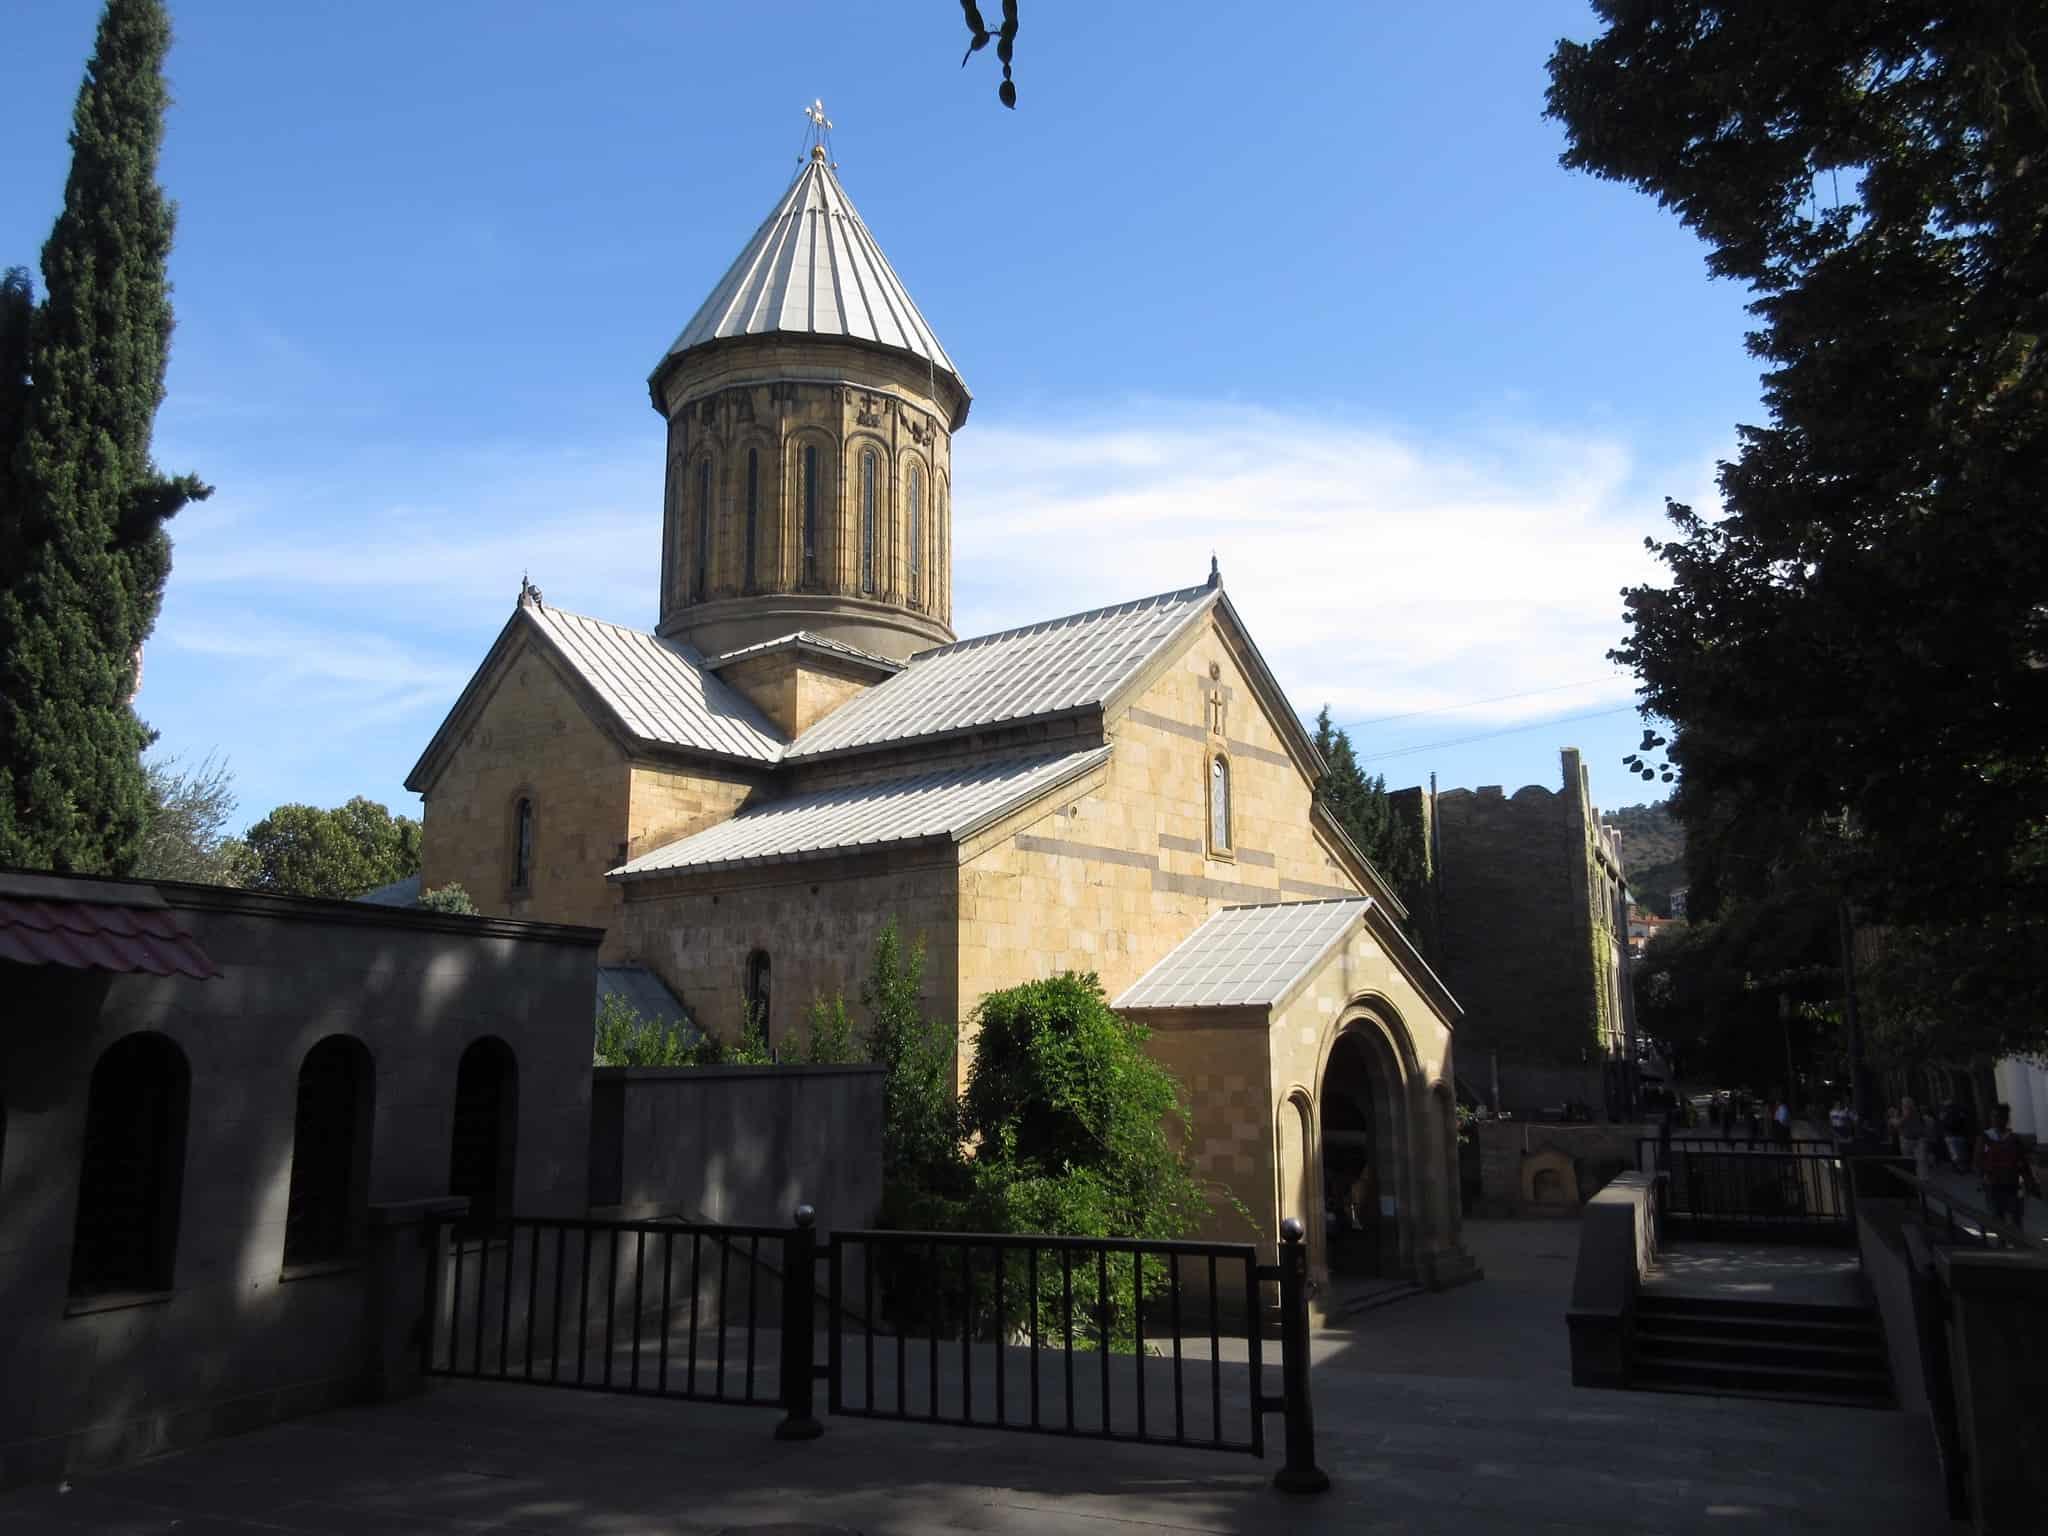 كنيسة سيوني في تبليسي جورجيا